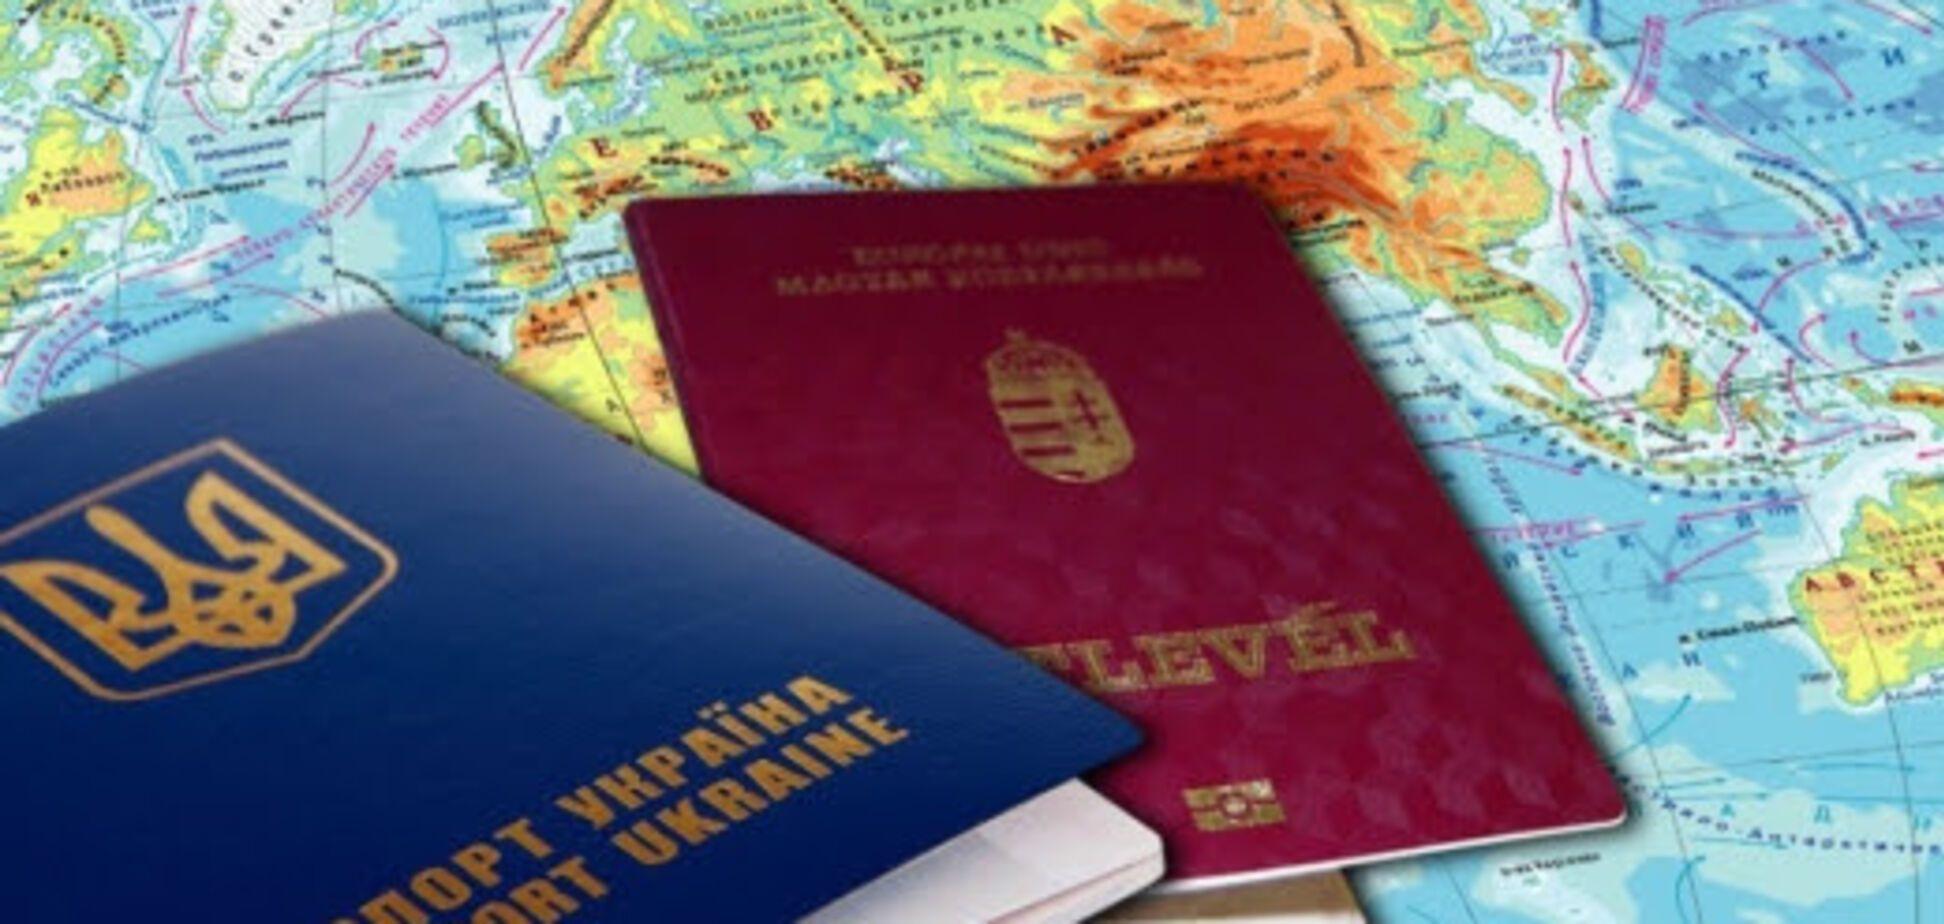 Автономія угорців: українців попередили про серйозну небезпеку